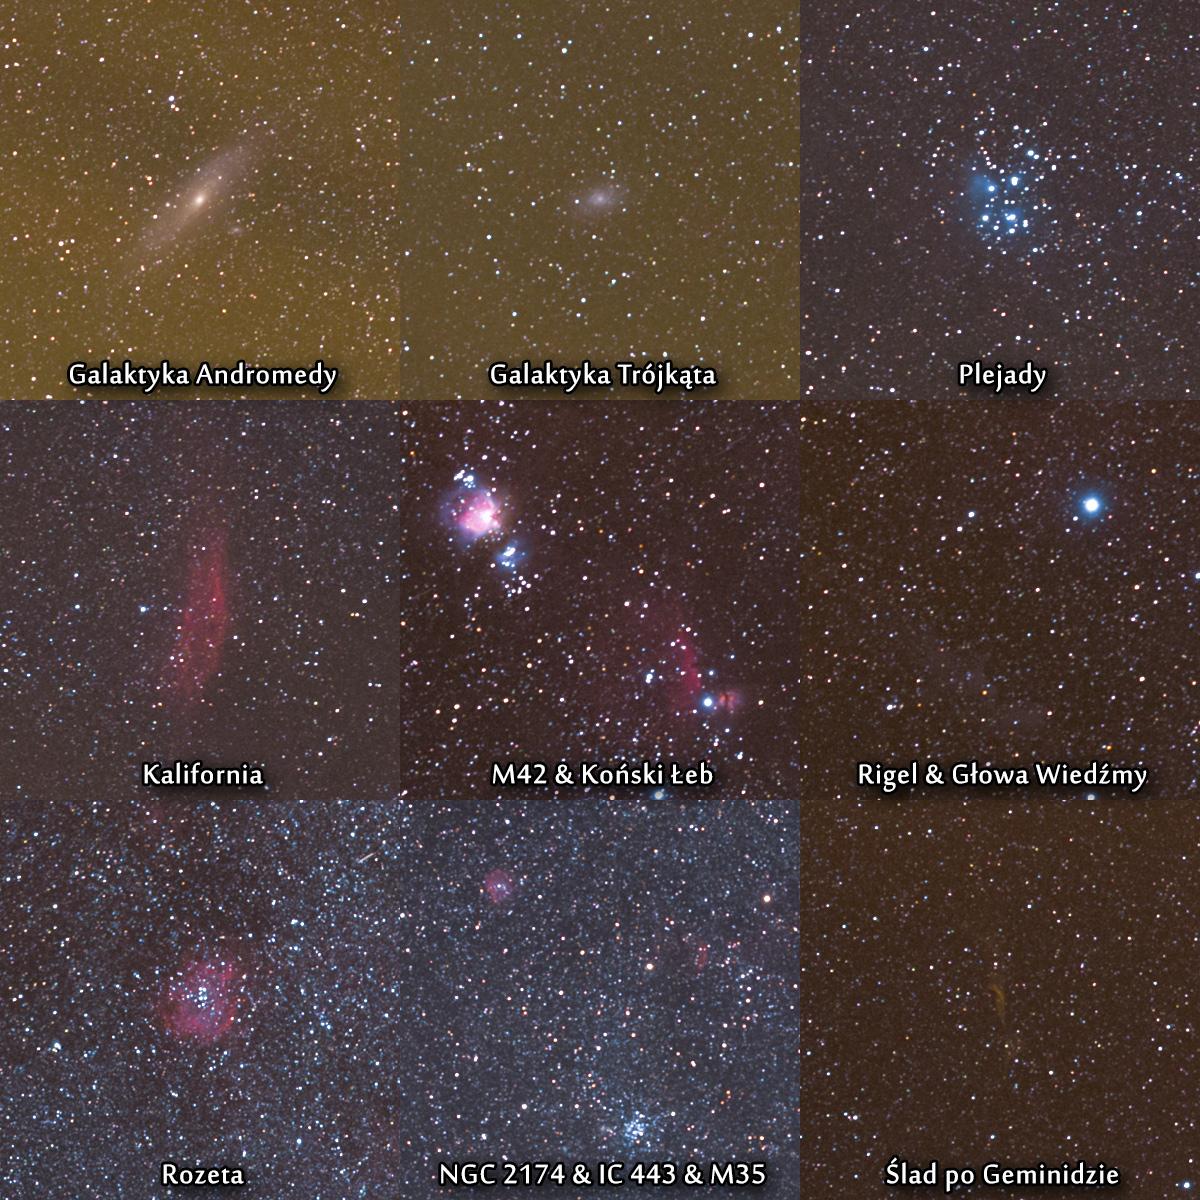 201215-milkyway-airglow-detail.jpg.b84d22de41f652628b3990a14a0900c7.jpg